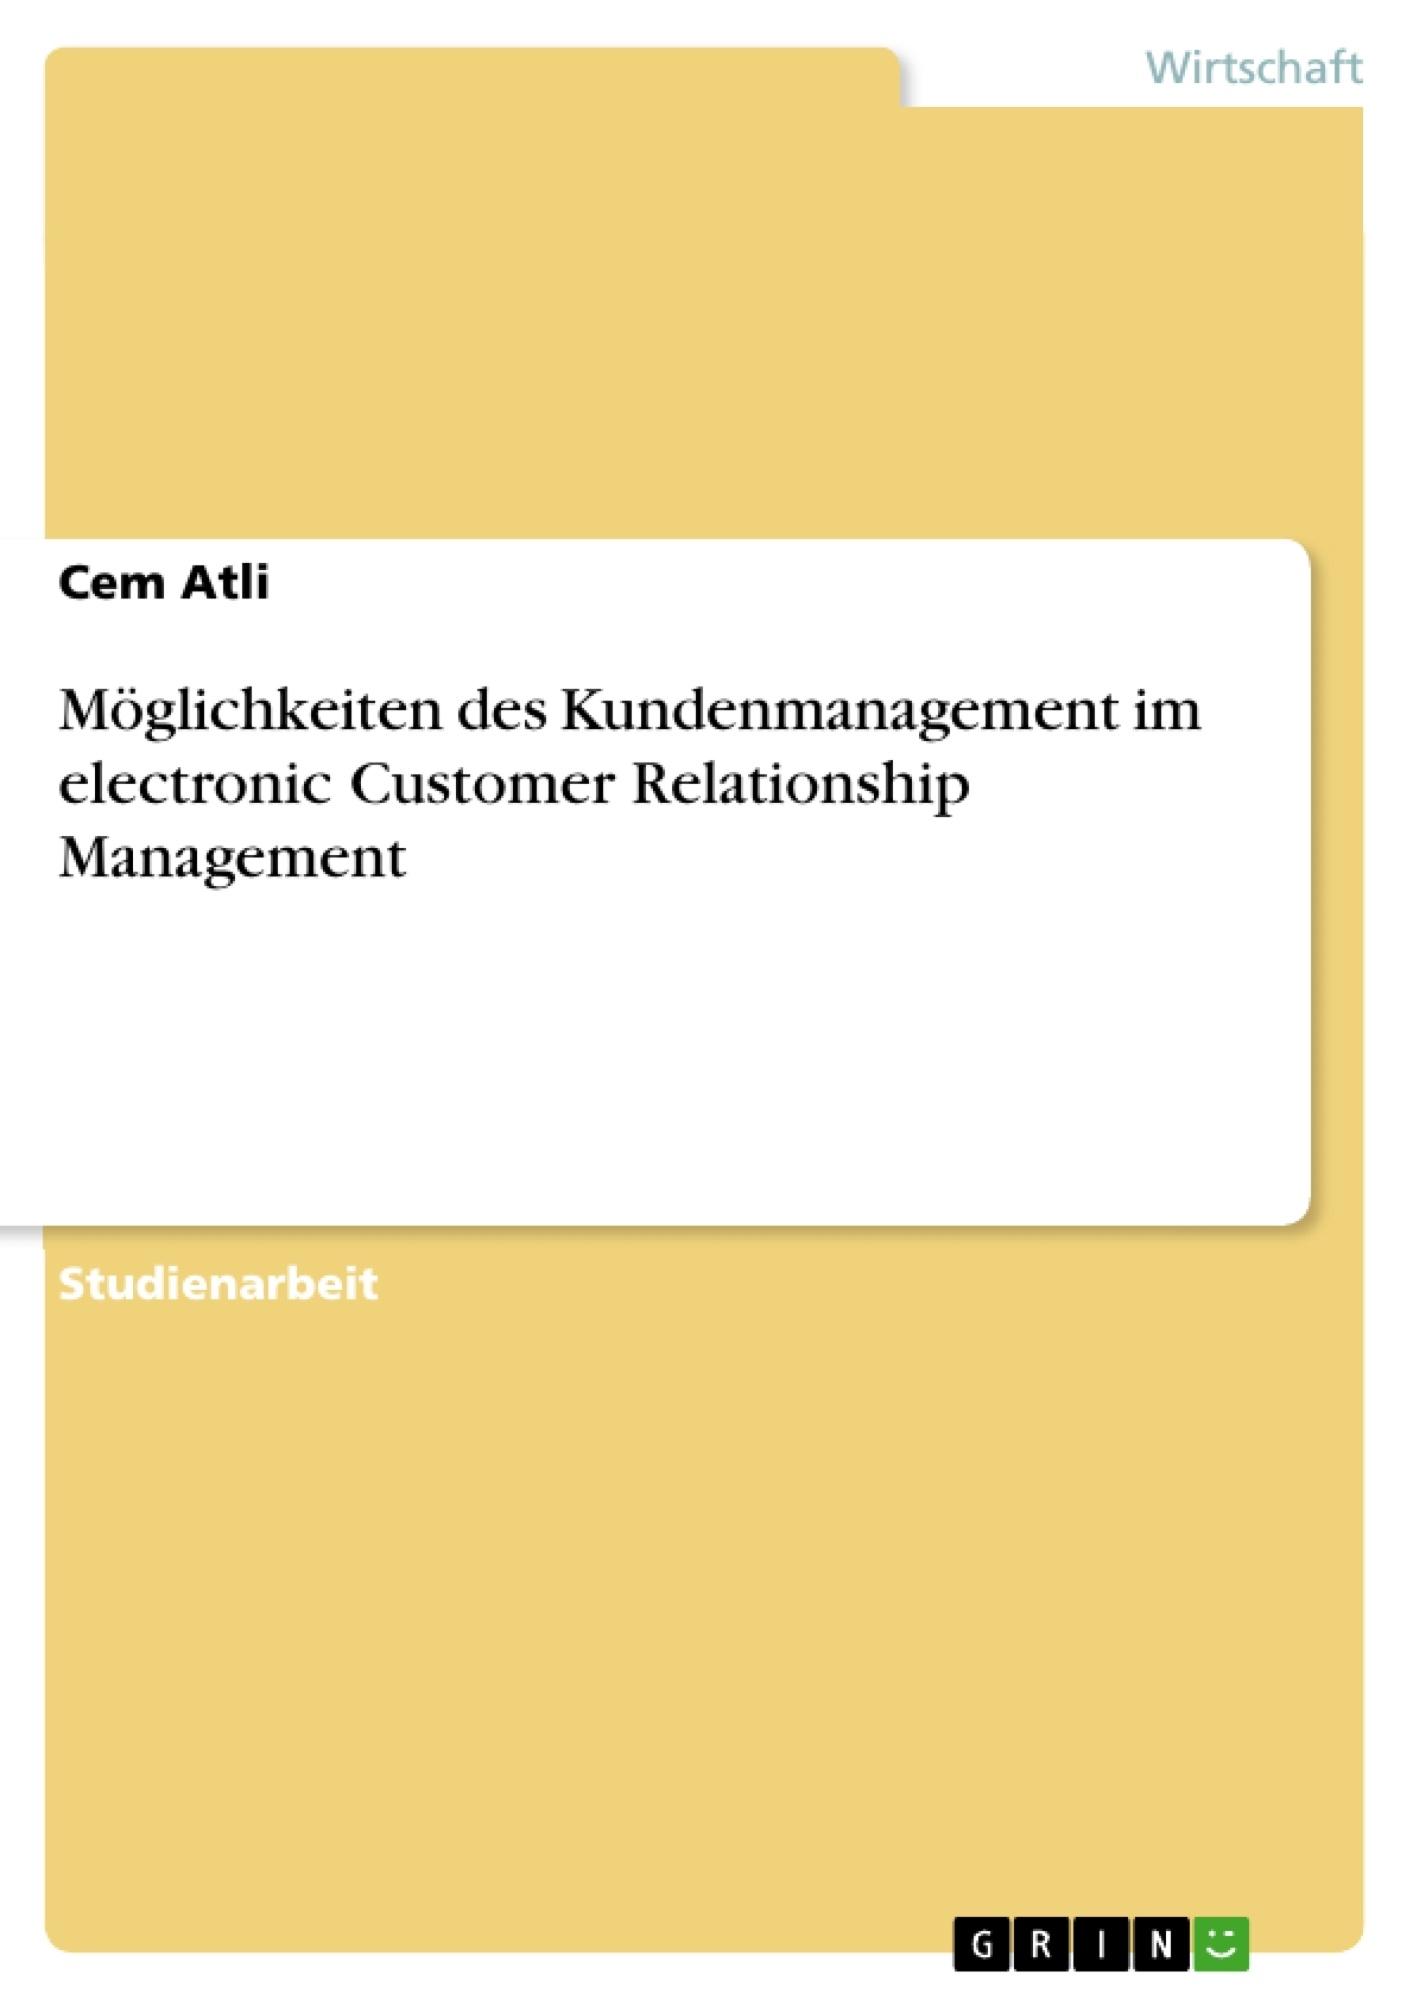 Titel: Möglichkeiten des Kundenmanagement im electronic Customer Relationship Management